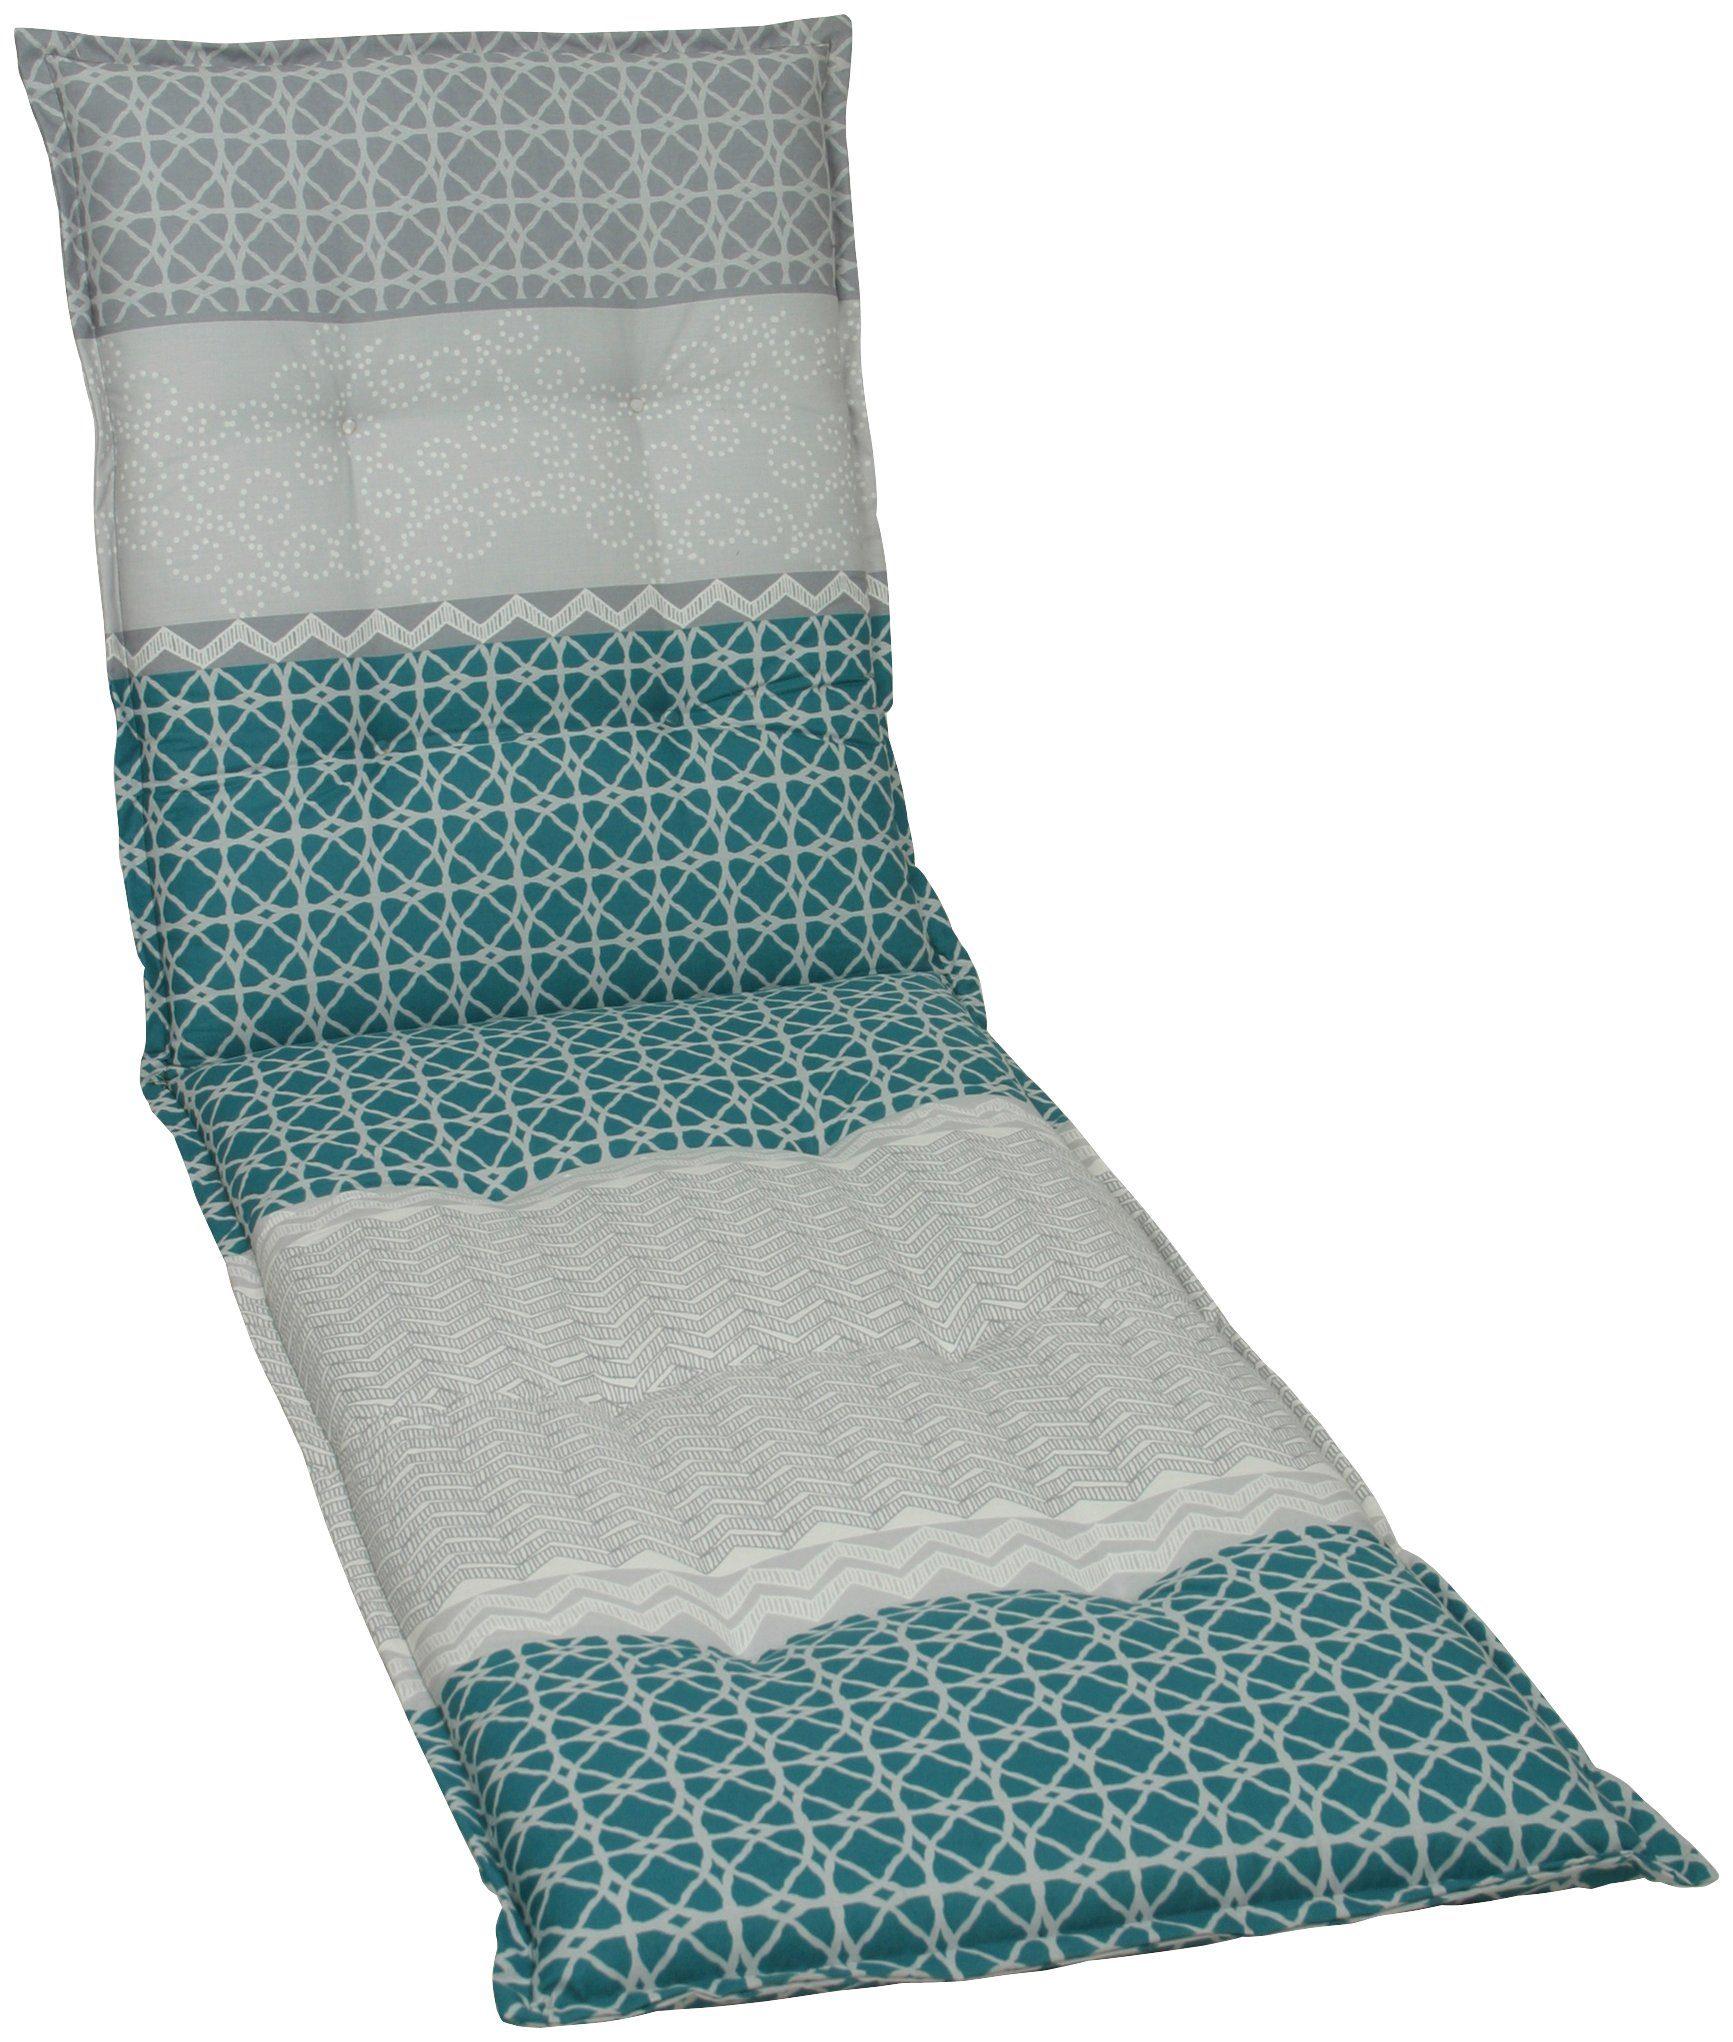 GO-DE Liegenauflage »Rollliegenauflage«, (L/B): ca. 190x60 cm